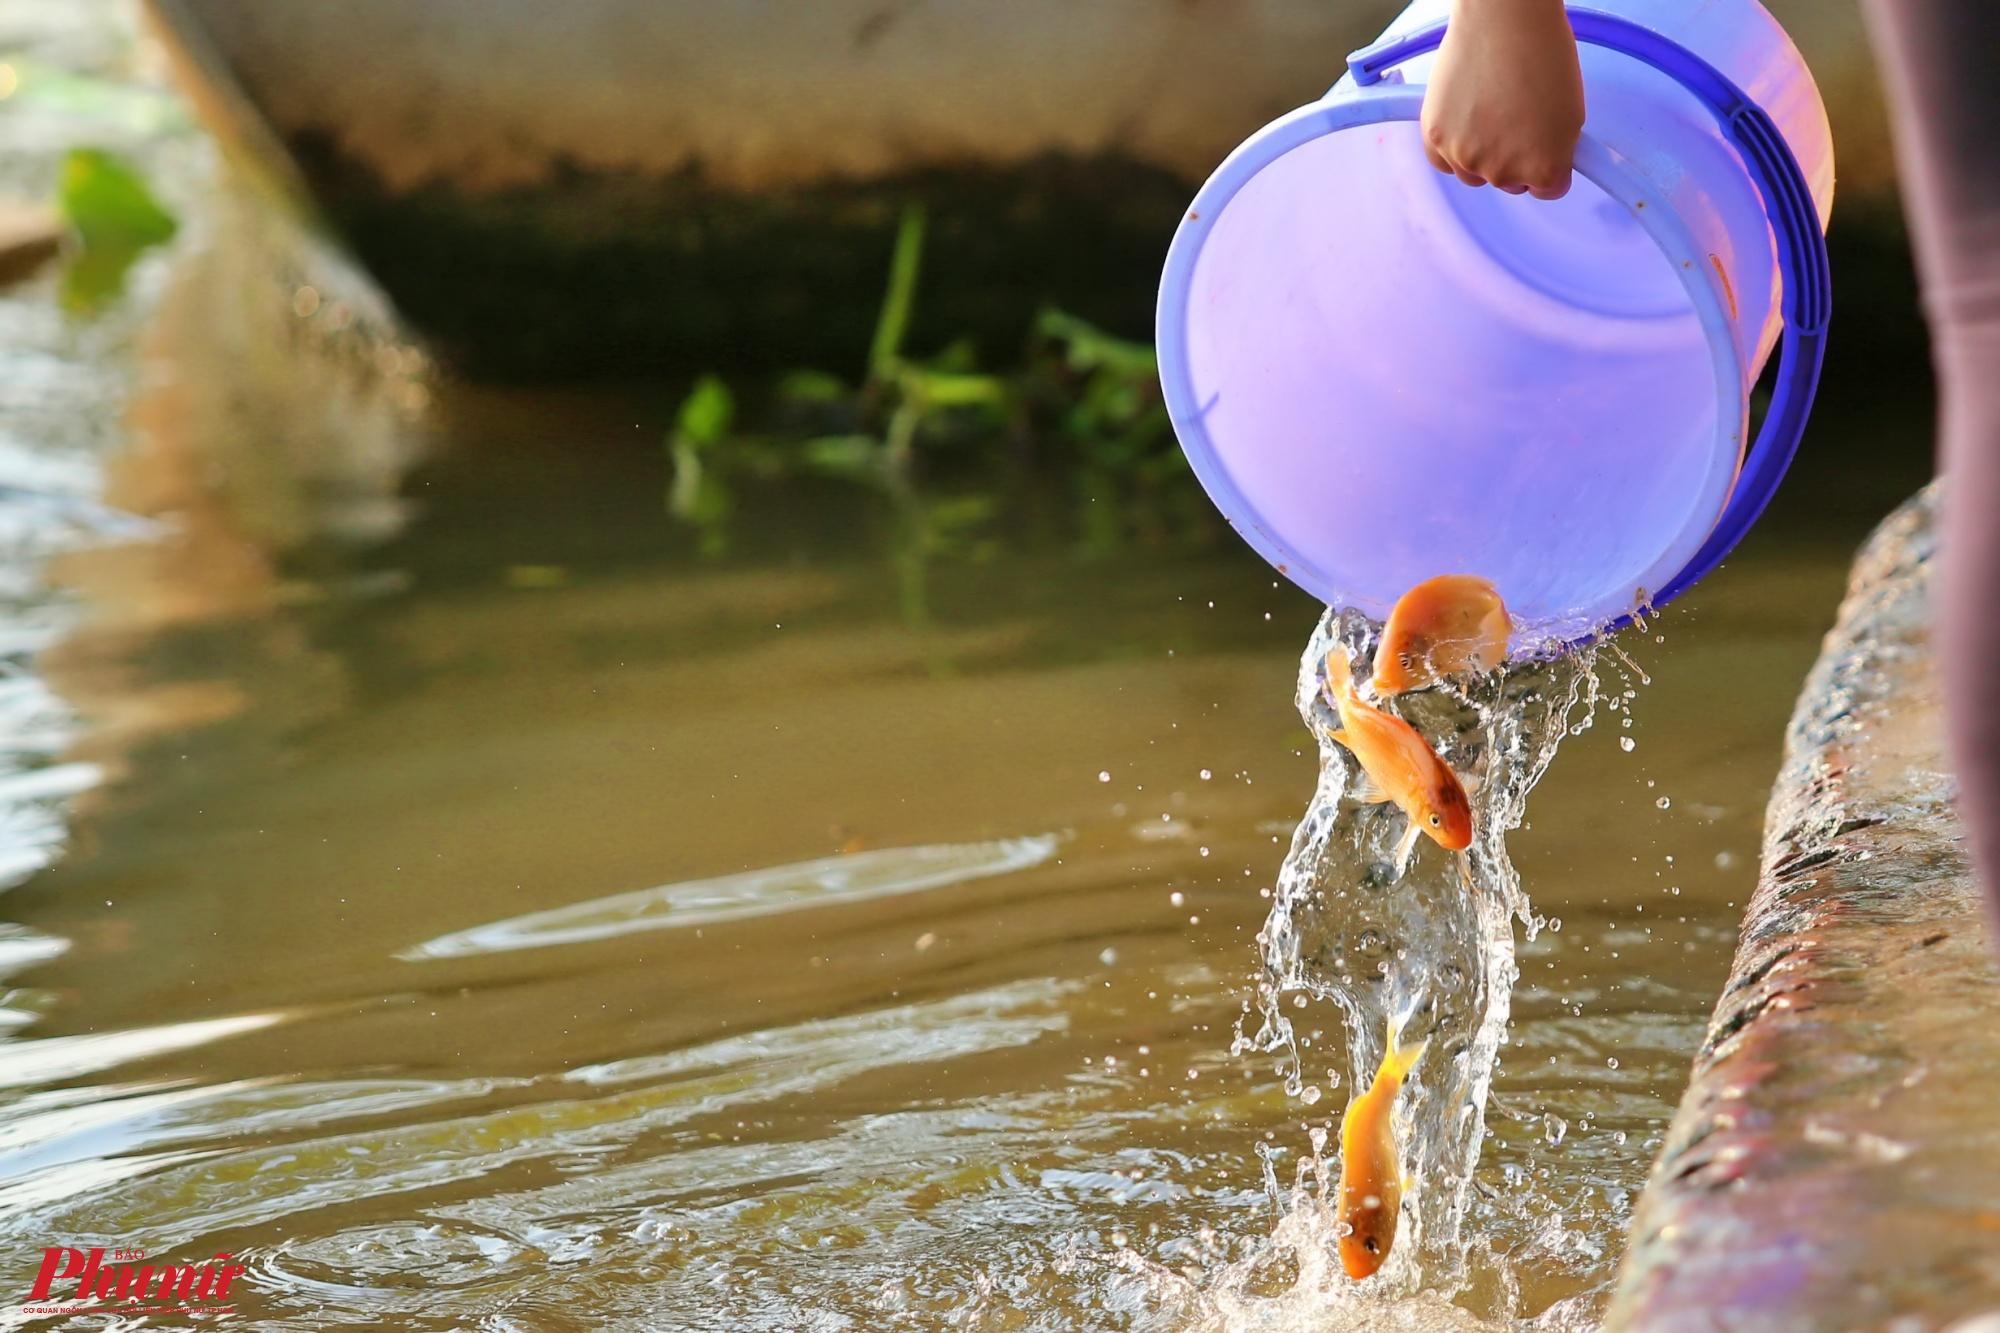 Theo phong tục thả cá chép, cá nên được đặt trong lòng bàn tay, thả nhẹ nhàng xuống nước. Thao tác nhẹ nhàng nhưng nhanh gọn và tránh việc đổ, ném, quăng cá mạnh tay từ xô, chậu, túi nylon xuống thẳng sông hồ.